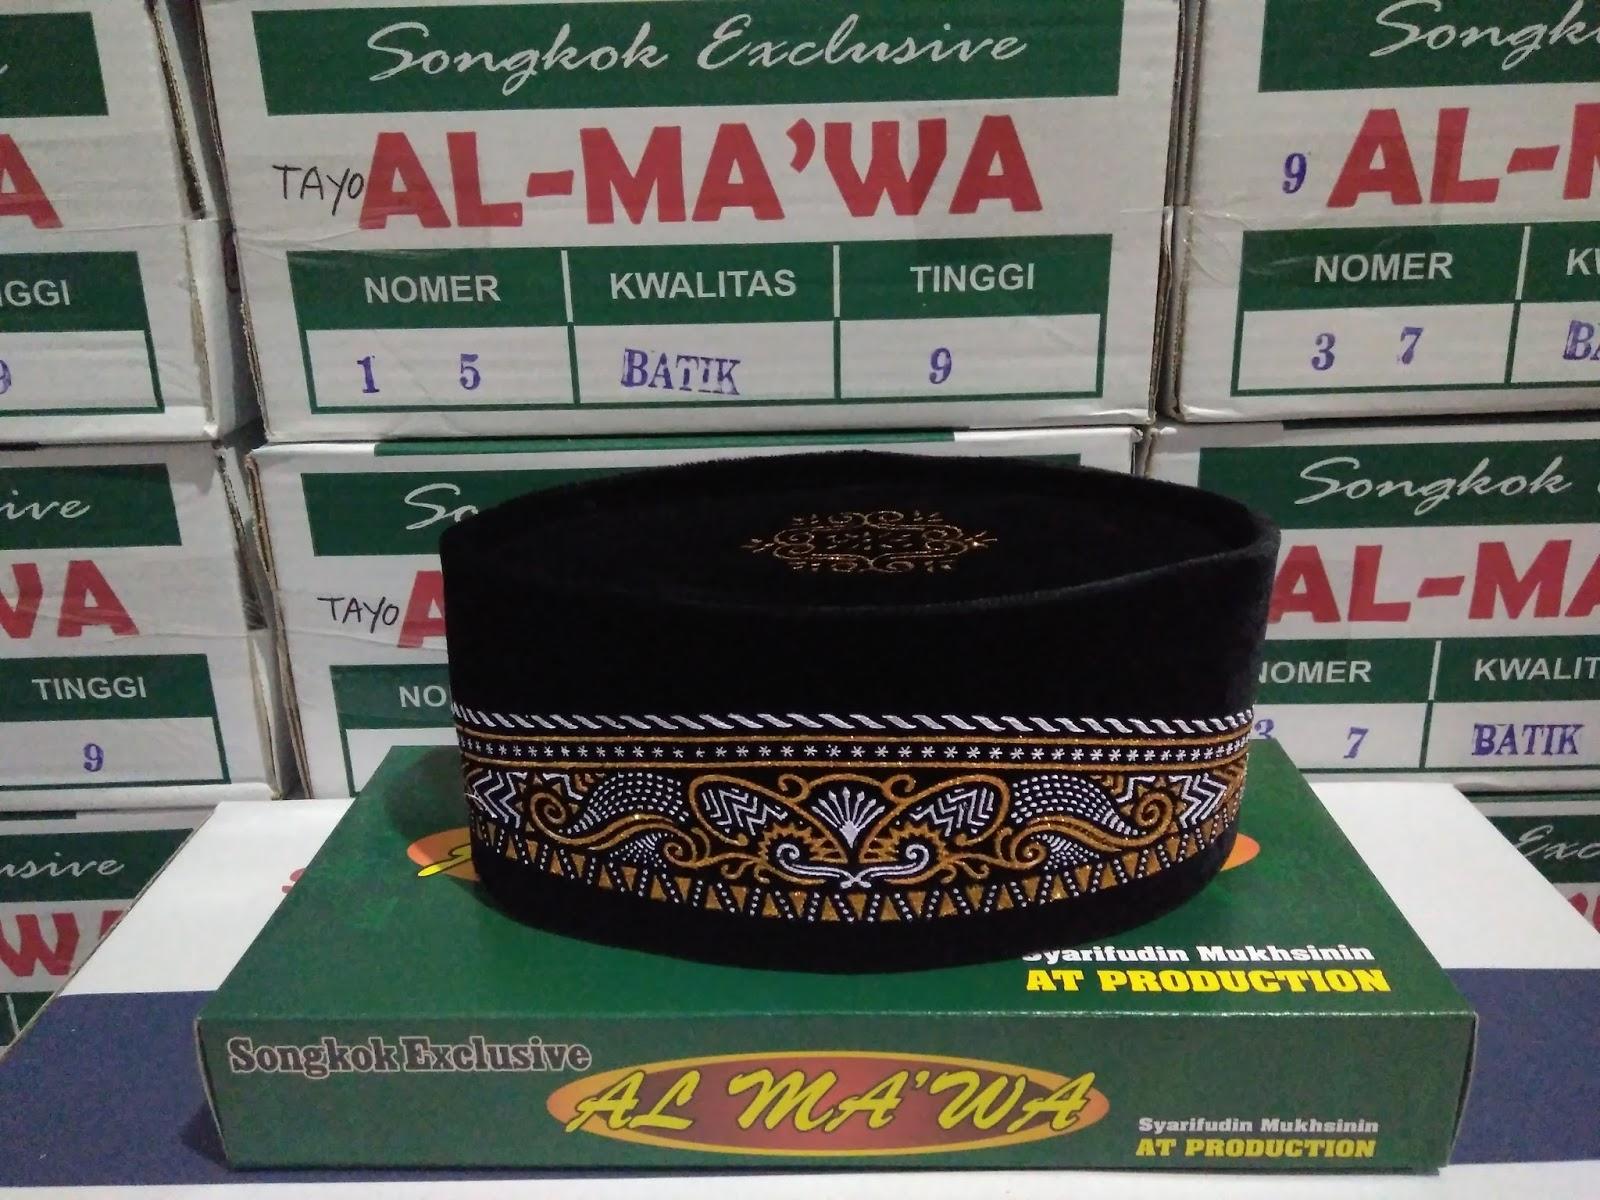 AT PRODUCTION PRODUSEN SONGKOK INDONESIA merupakan produsen songkok home industri dari Kebumen Indonesia